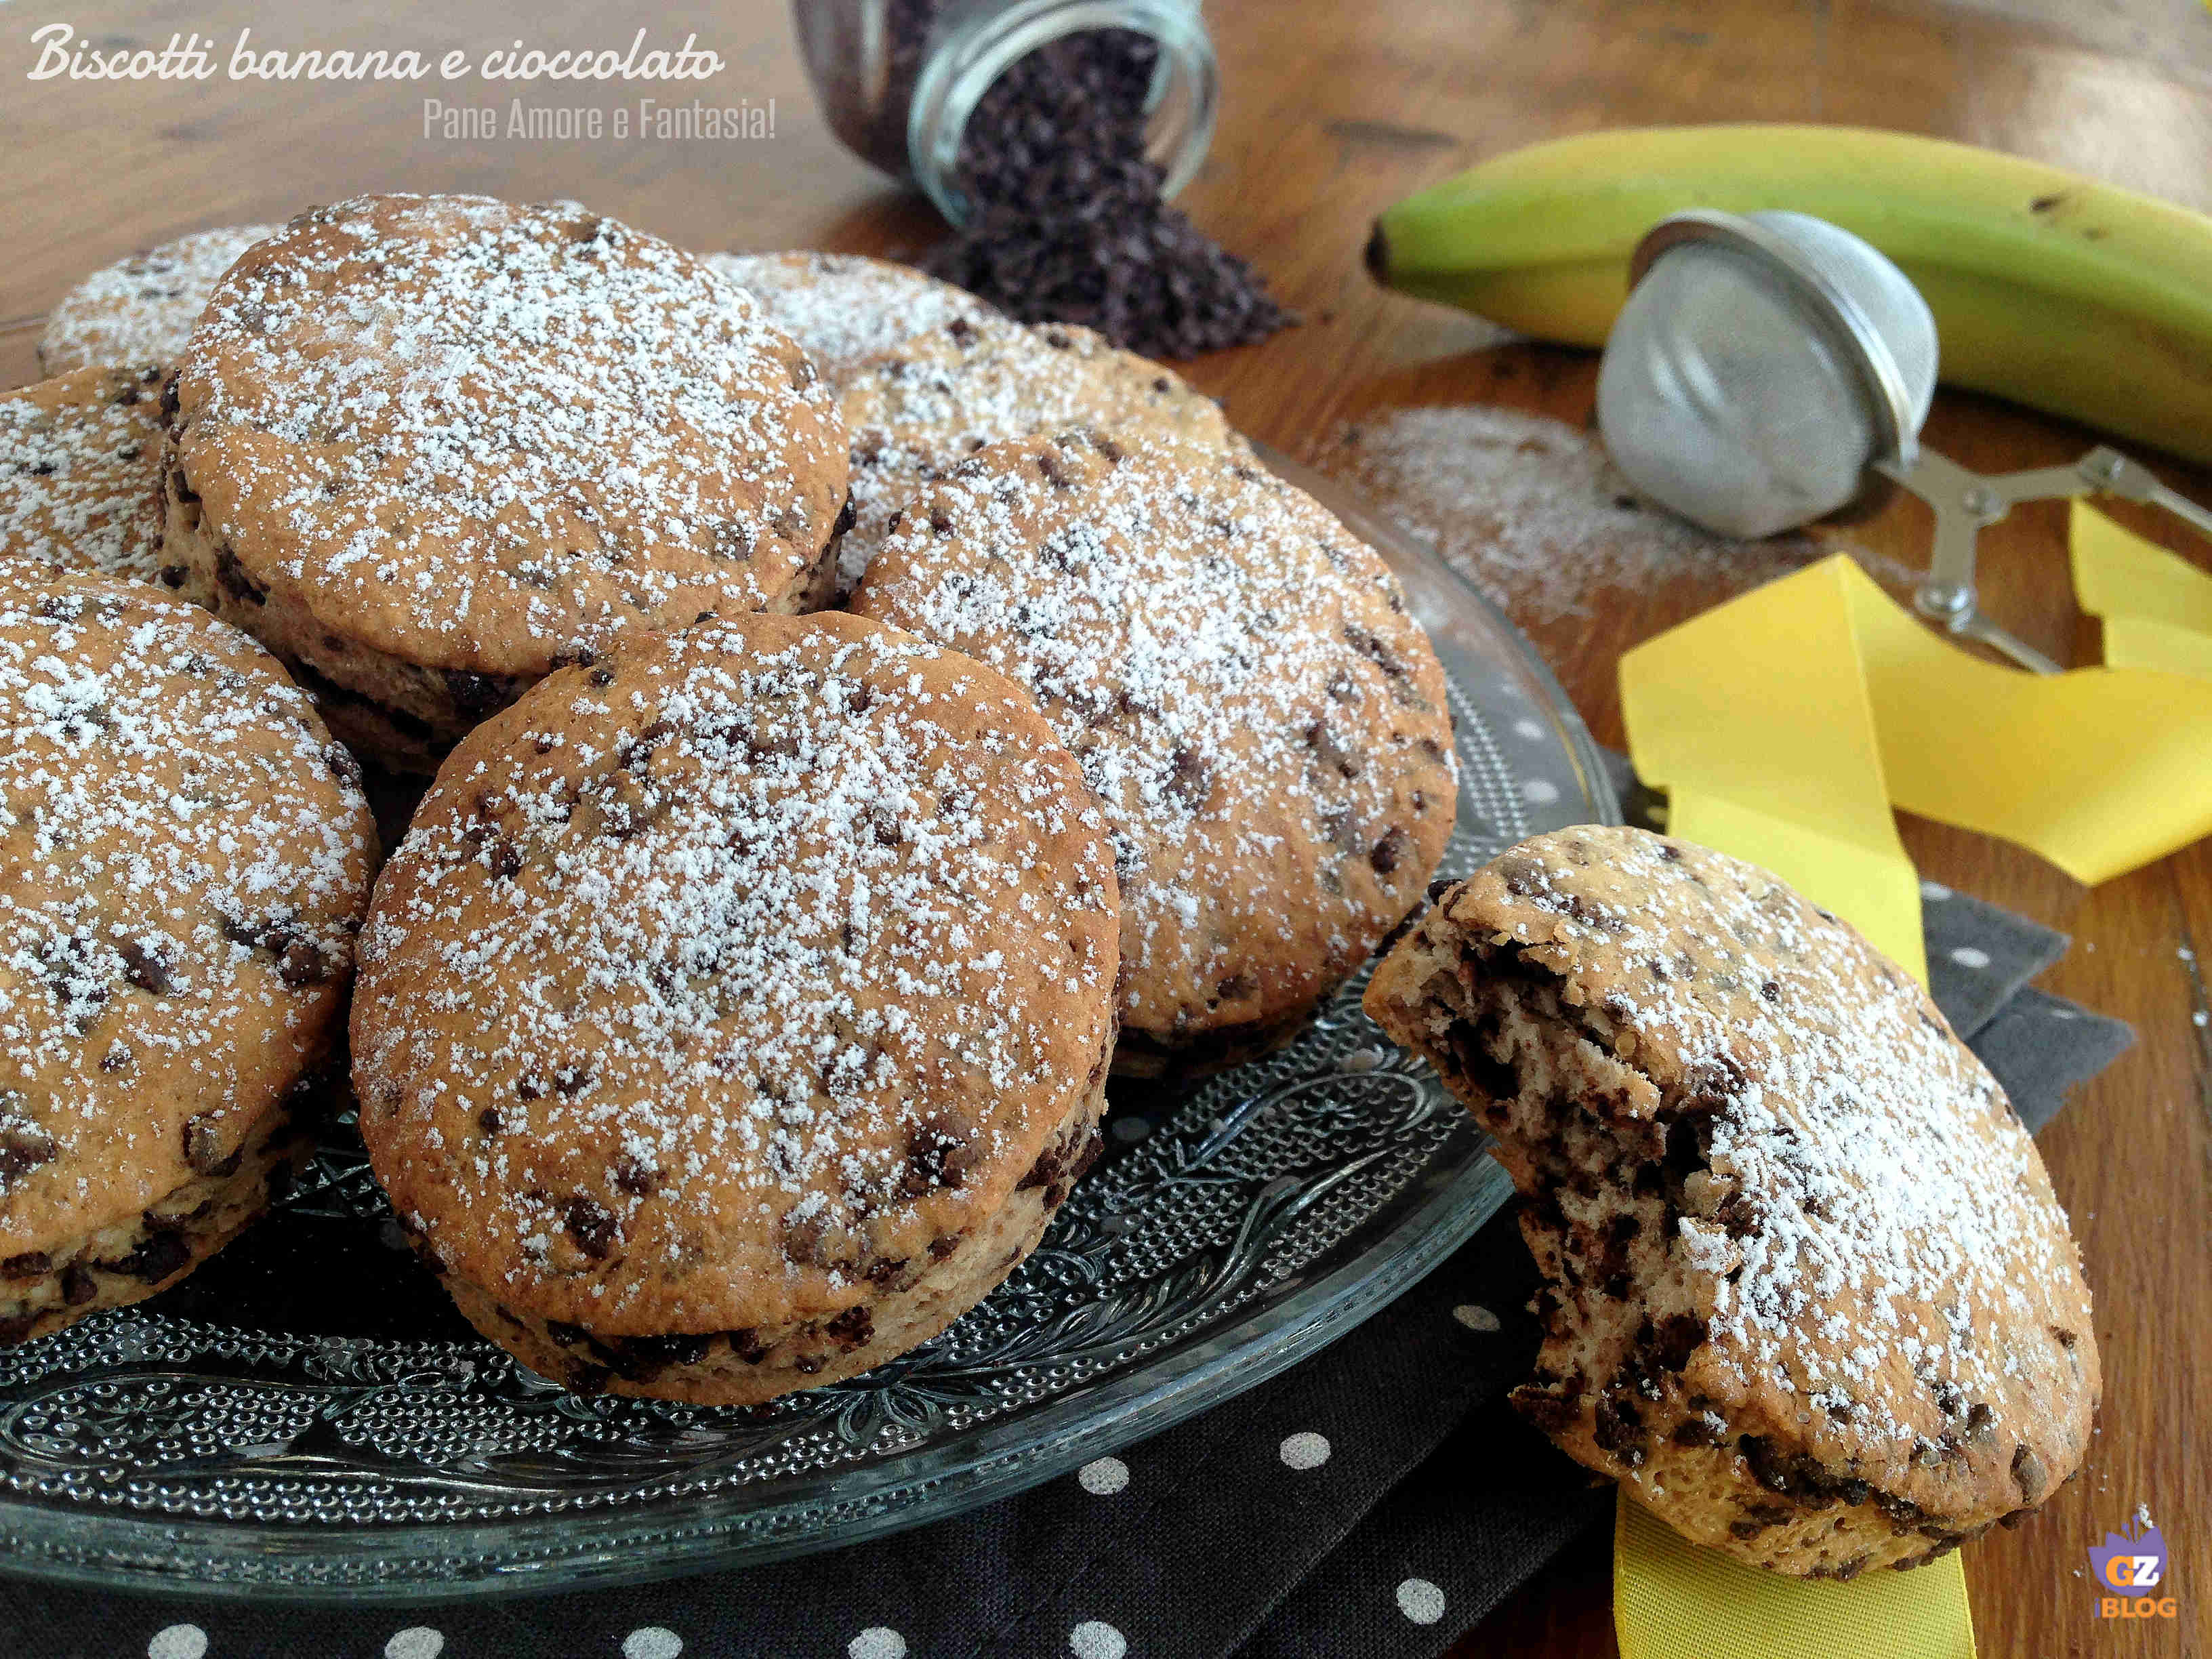 biscotti banana e cioccolato